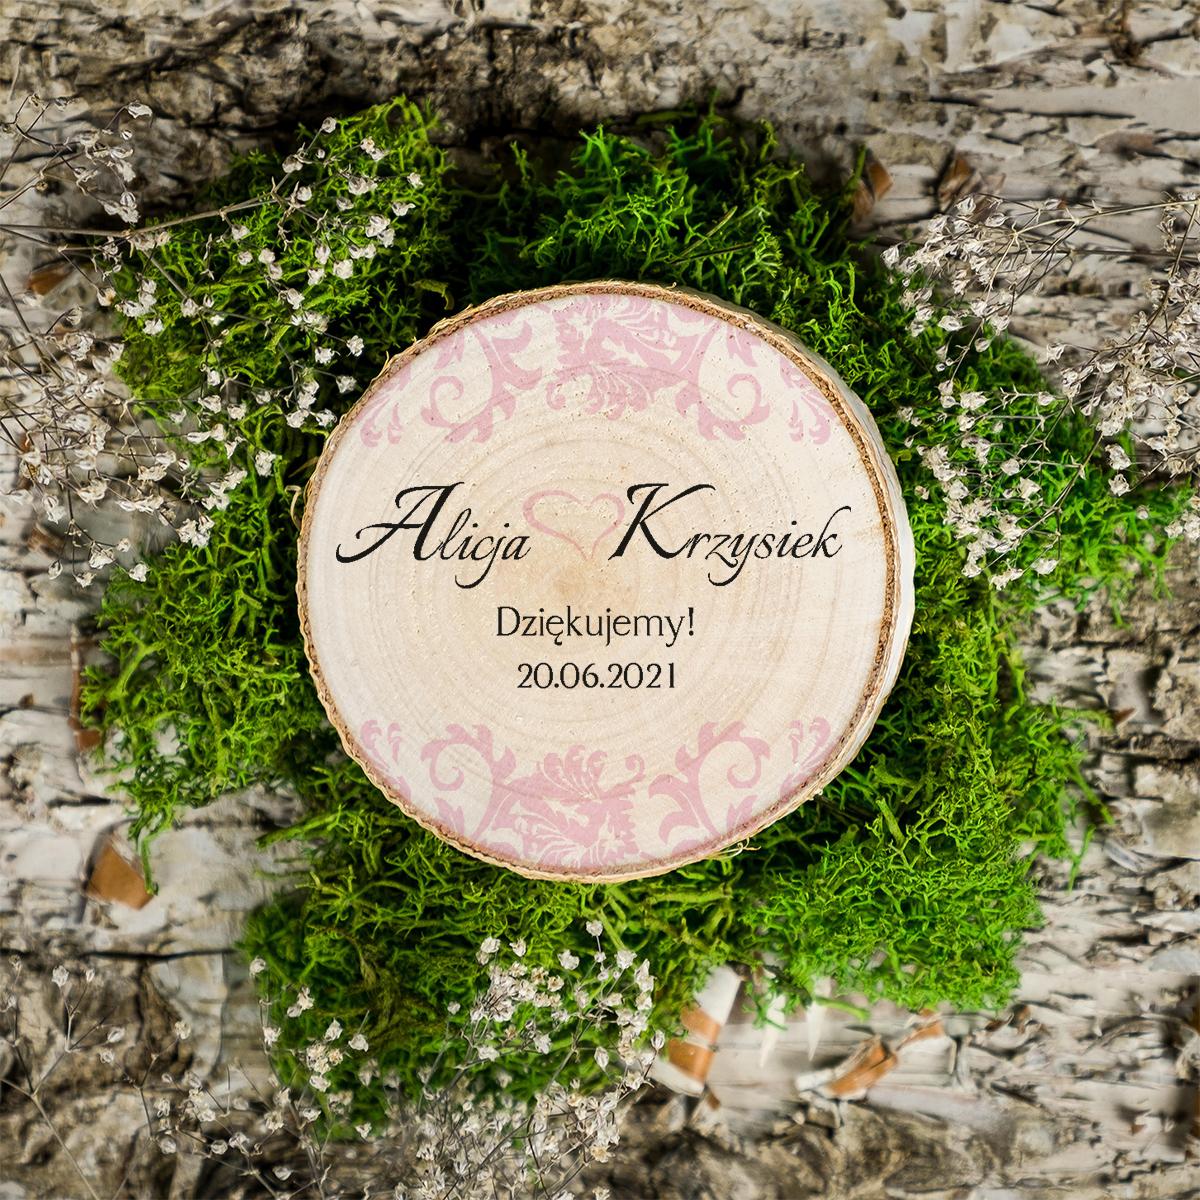 Magnes na plastrze brzozy - Ornament z kokardką - Pudrowy róż